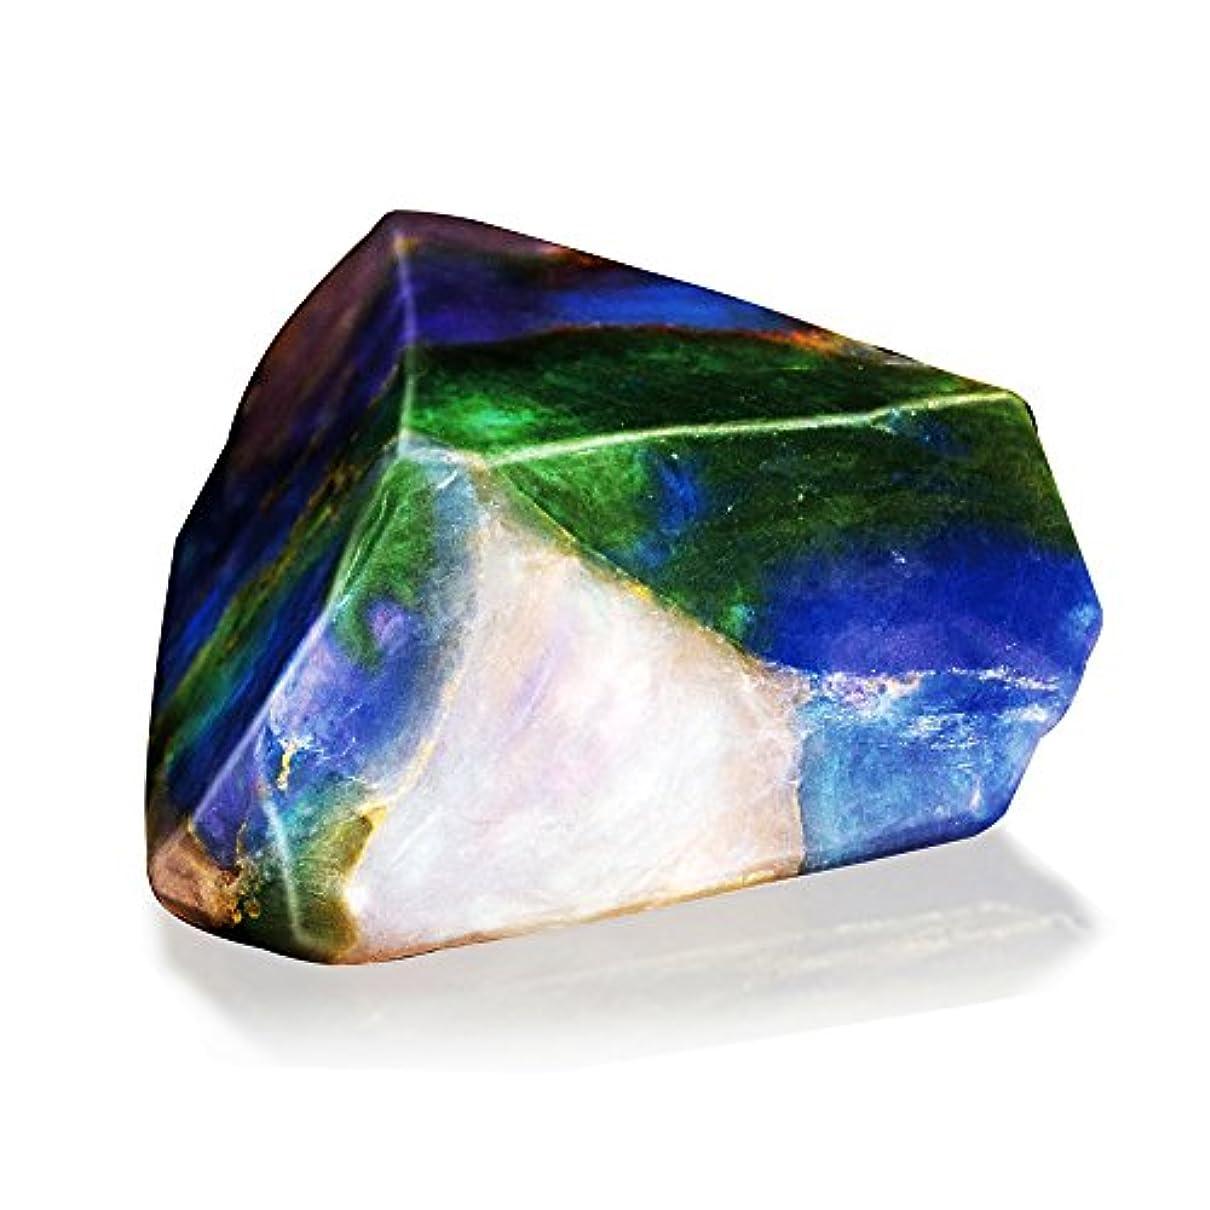 役に立たない溶ける医学Savons Gemme サボンジェム 世界で一番美しい宝石石鹸 フレグランス ソープ オパール ミニ 114g